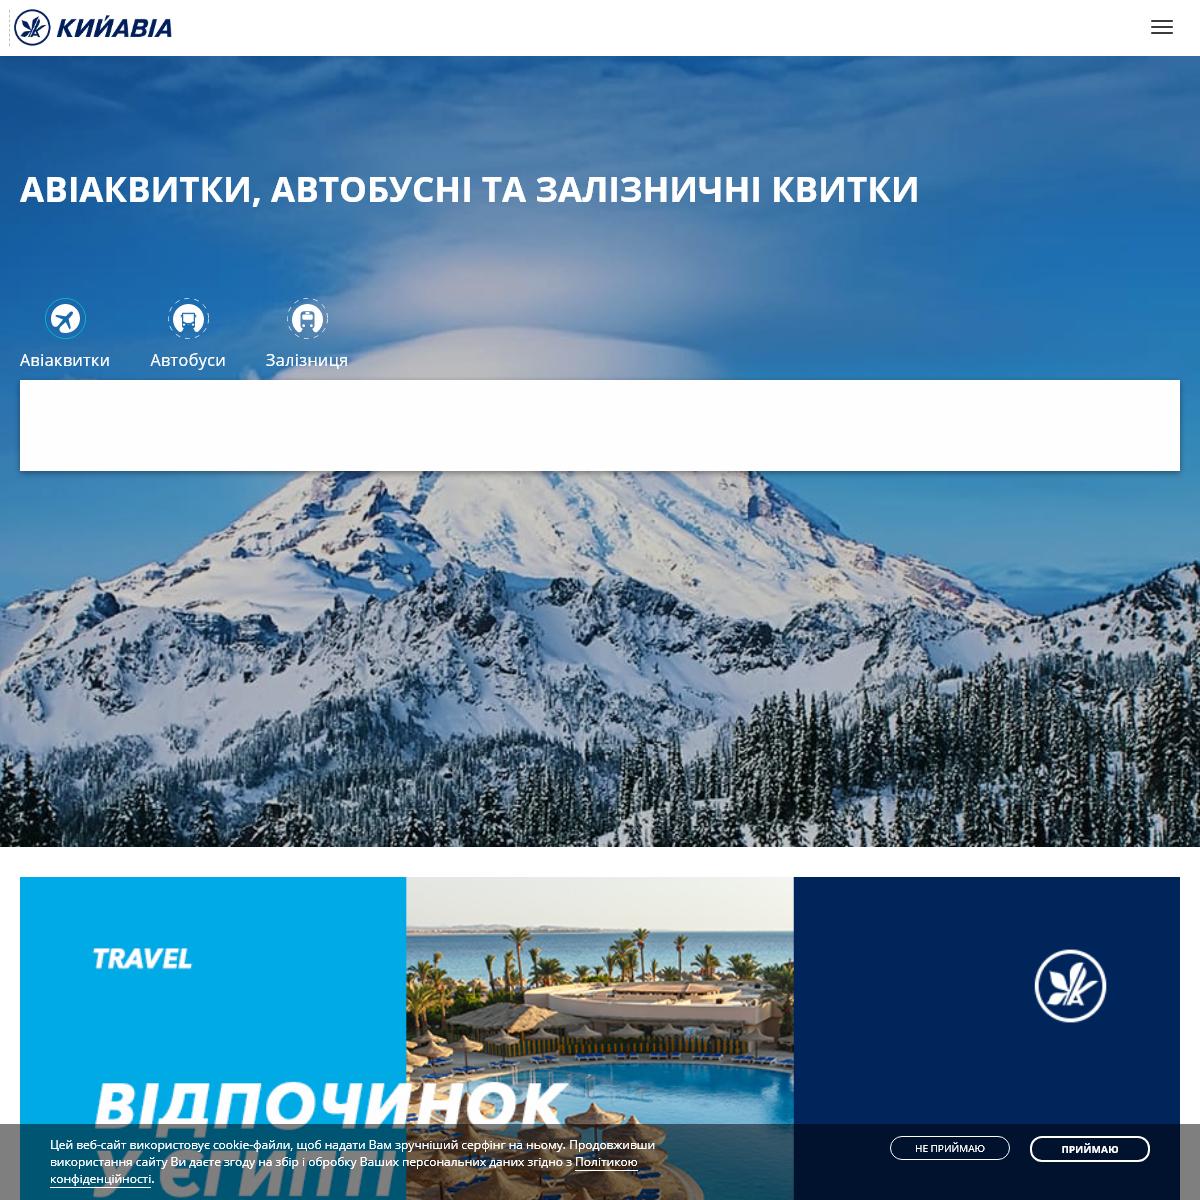 Авіаквитки, залізничні та автобусні квитки онлайн в КИЙАВІА